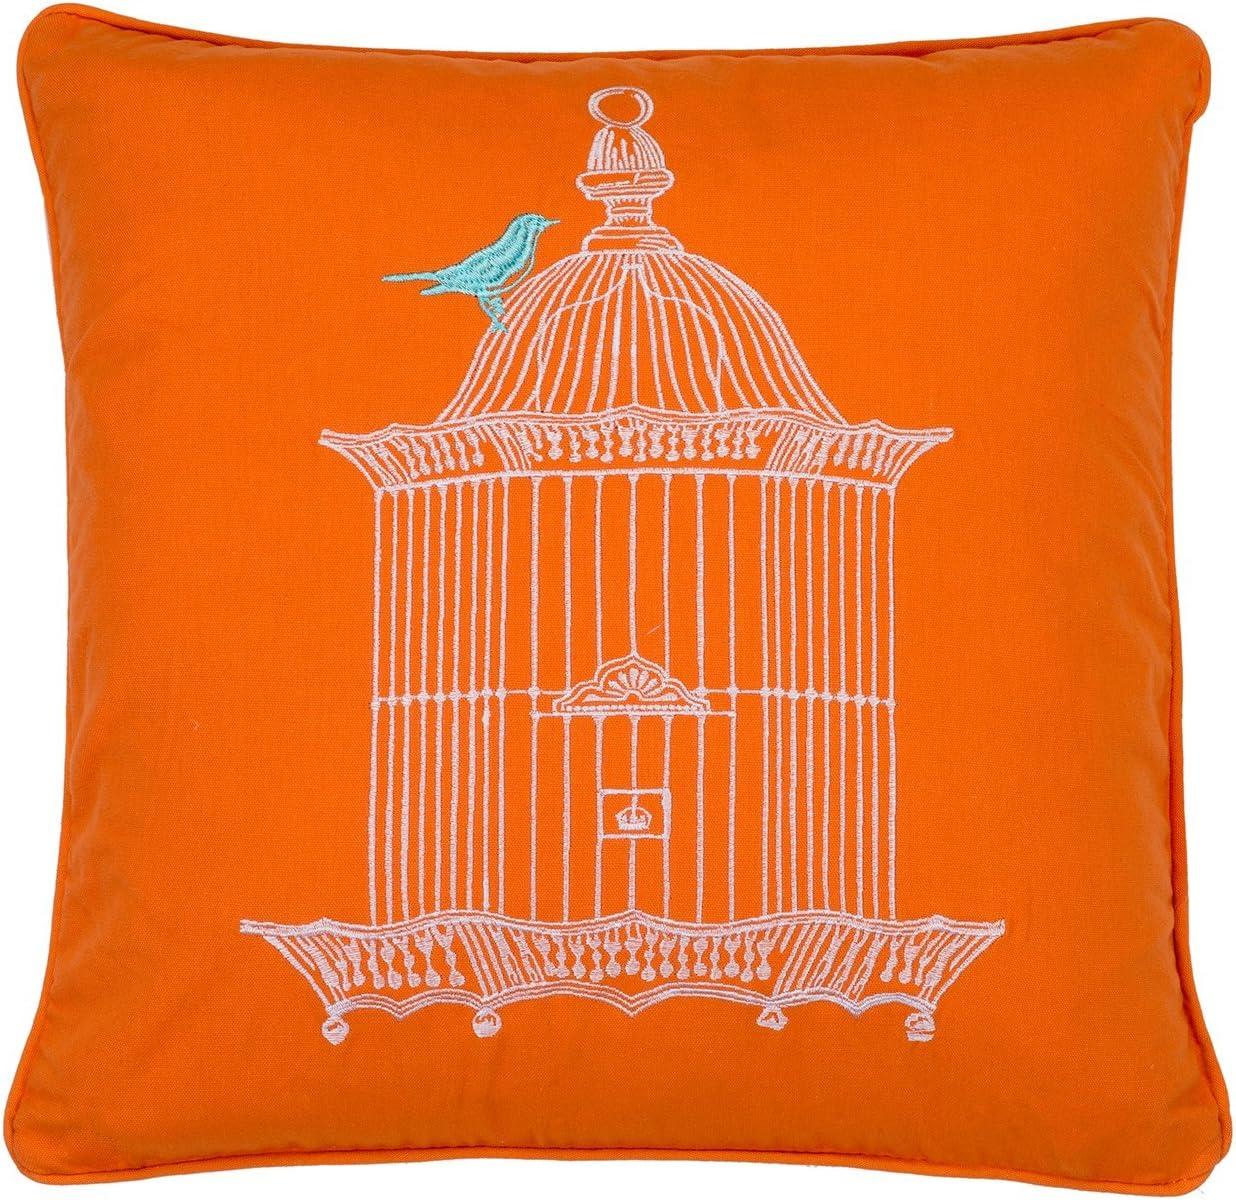 Levtex home Abigail Birdcage Pillow, 18x18, Orange